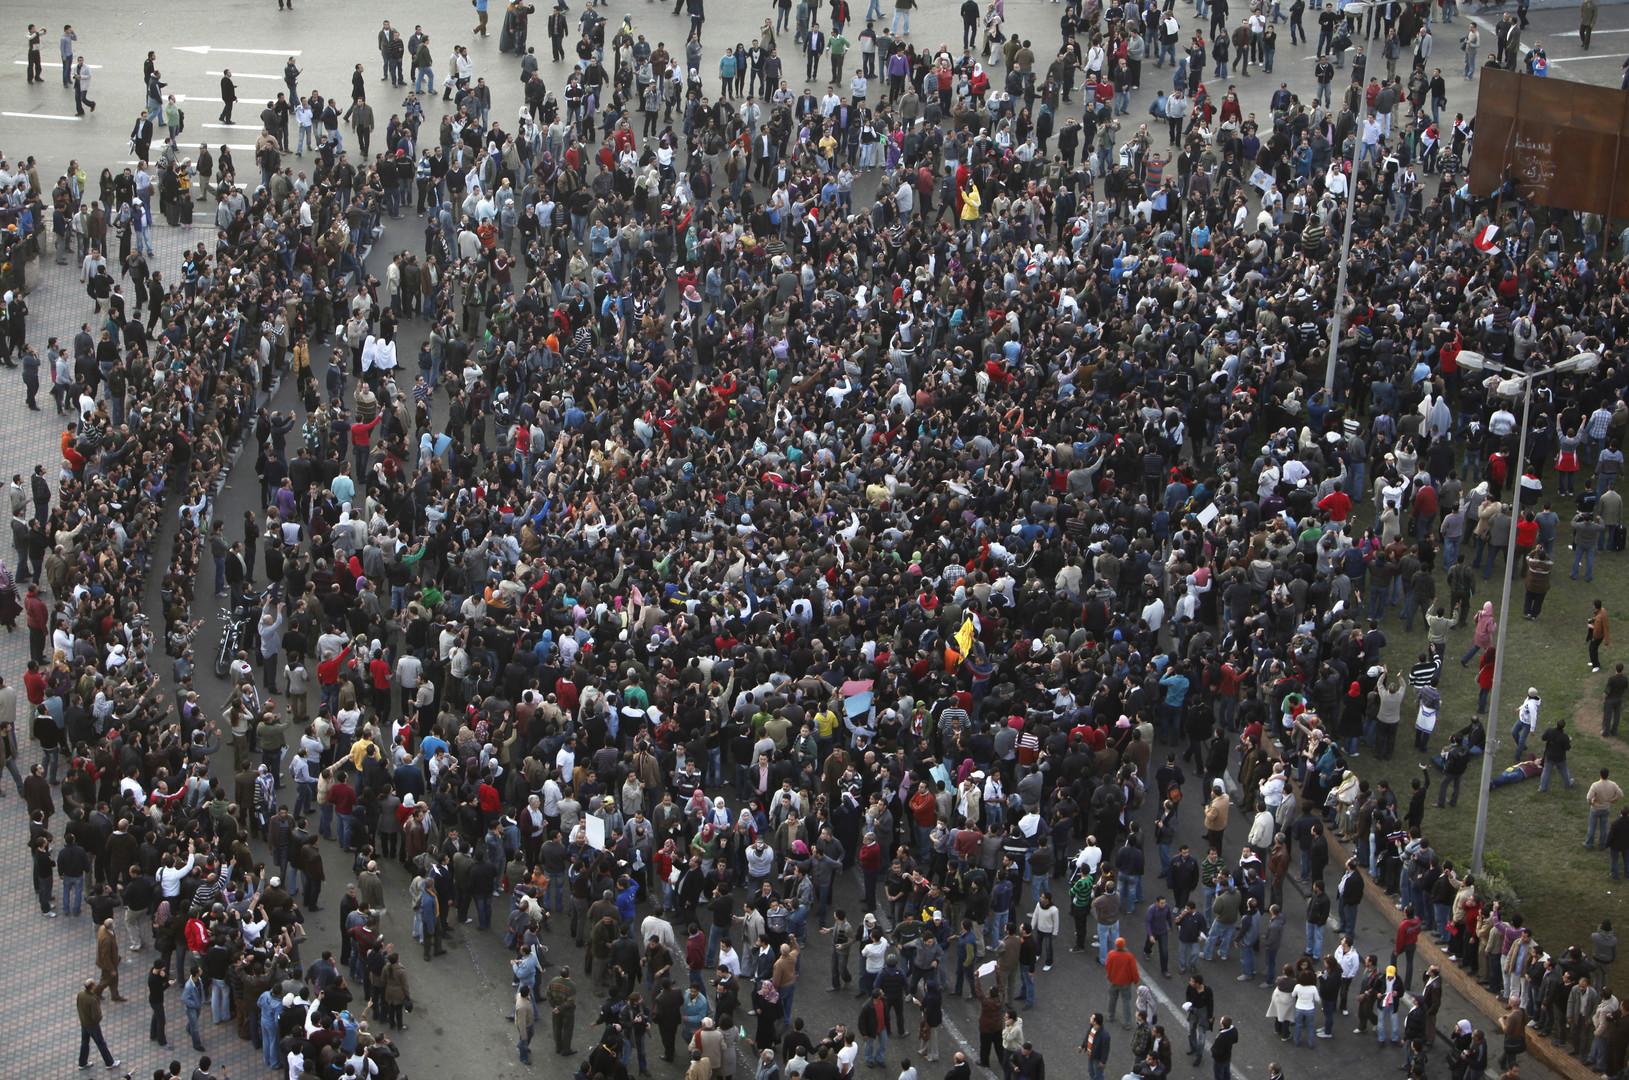 Am Nachmittag des 25. Januar 2011 versammeln sich einige Hundert Menschen auf dem Tahrir-Platz in Kairo.